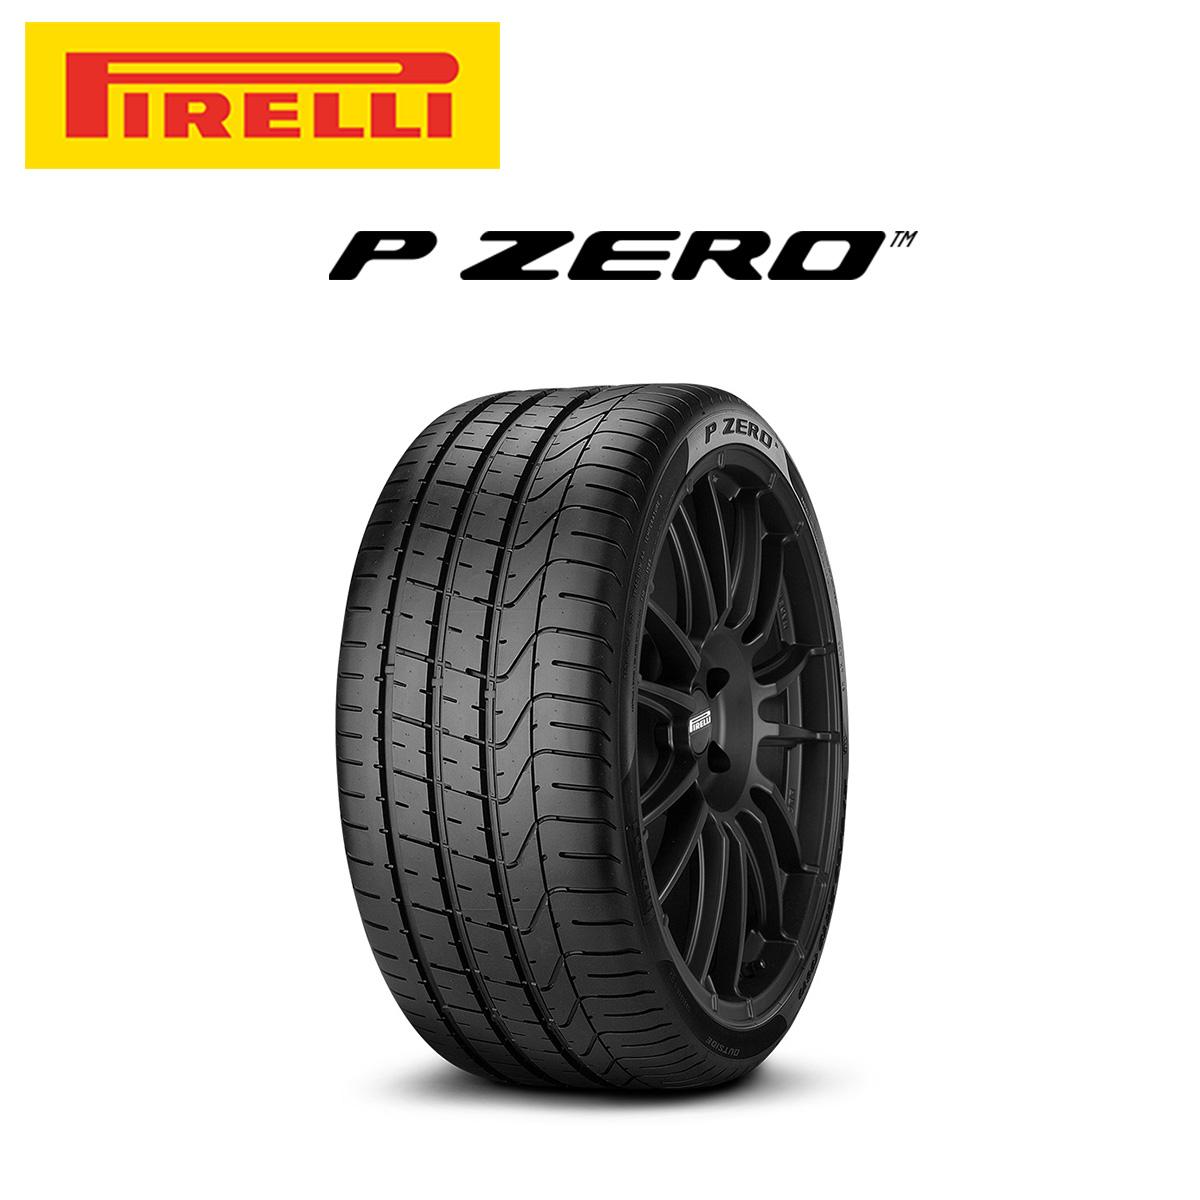 ピレリ PIRELLI P ZERO ピーゼロ 19インチ サマー タイヤ 4本 セット 295/30ZR19 100Y XL AM8:アストンマーティン承認タイヤ 2049100